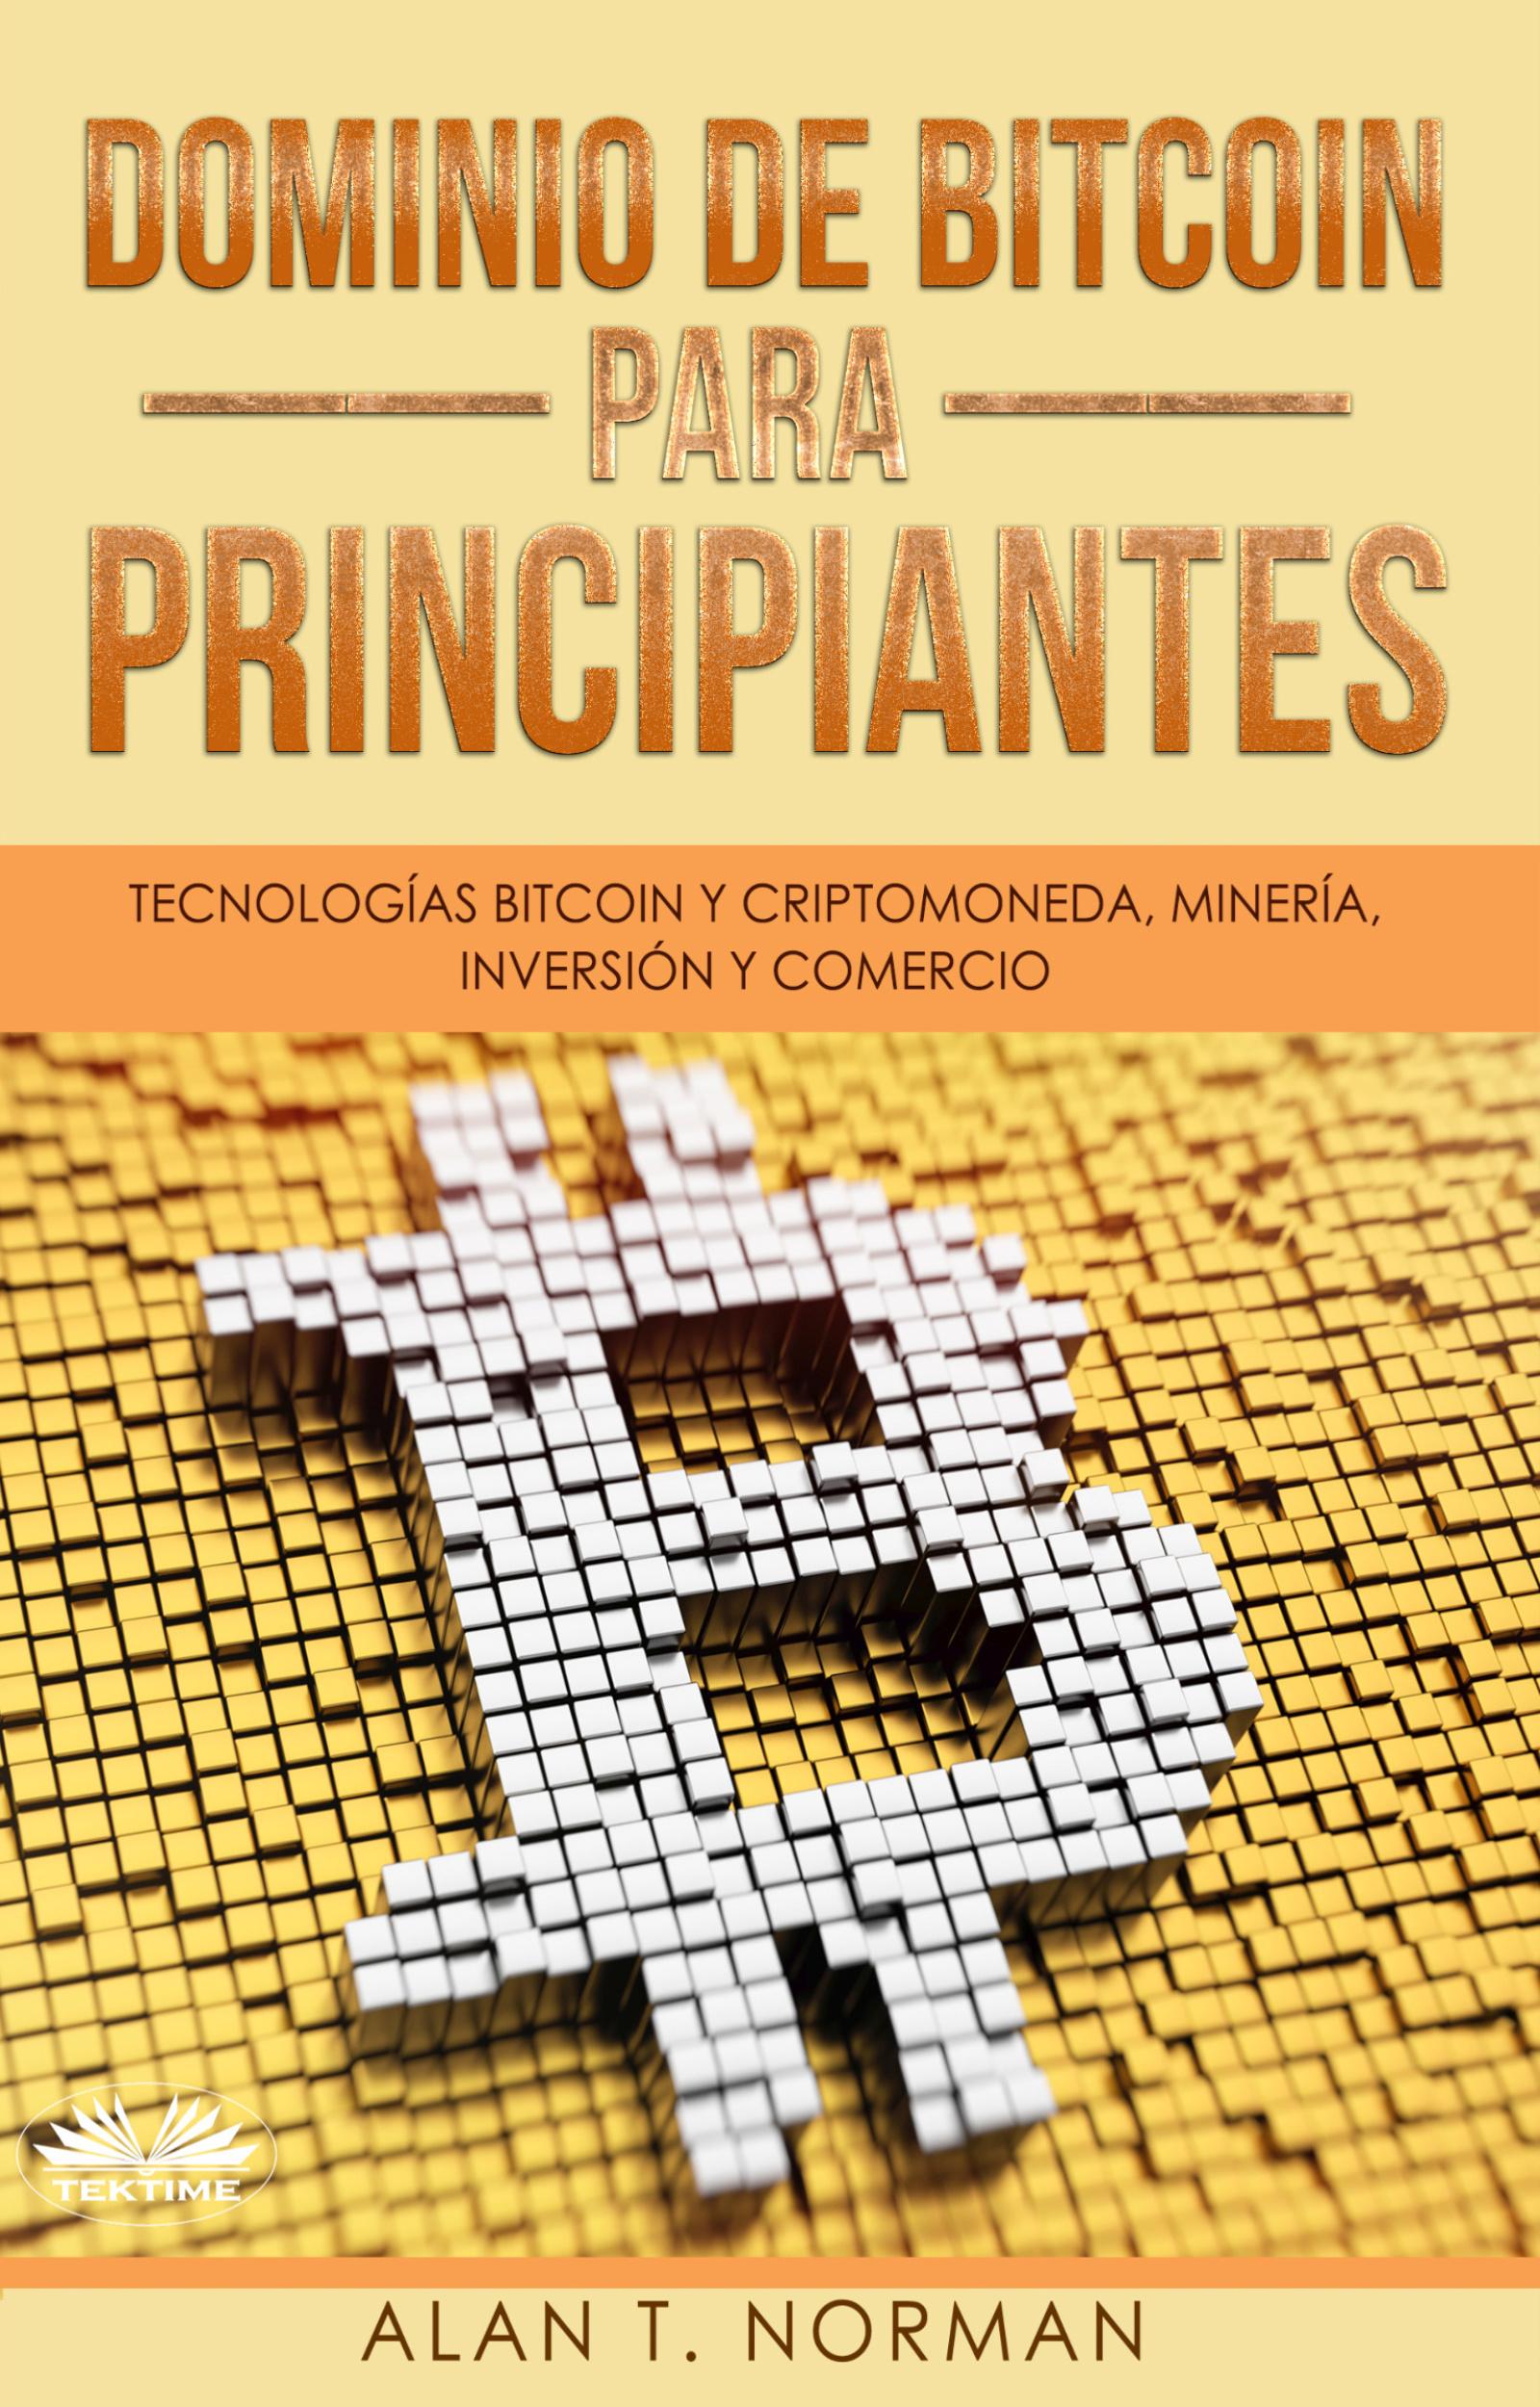 Alan T. Norman Dominio De Bitcoin Para Principiantes